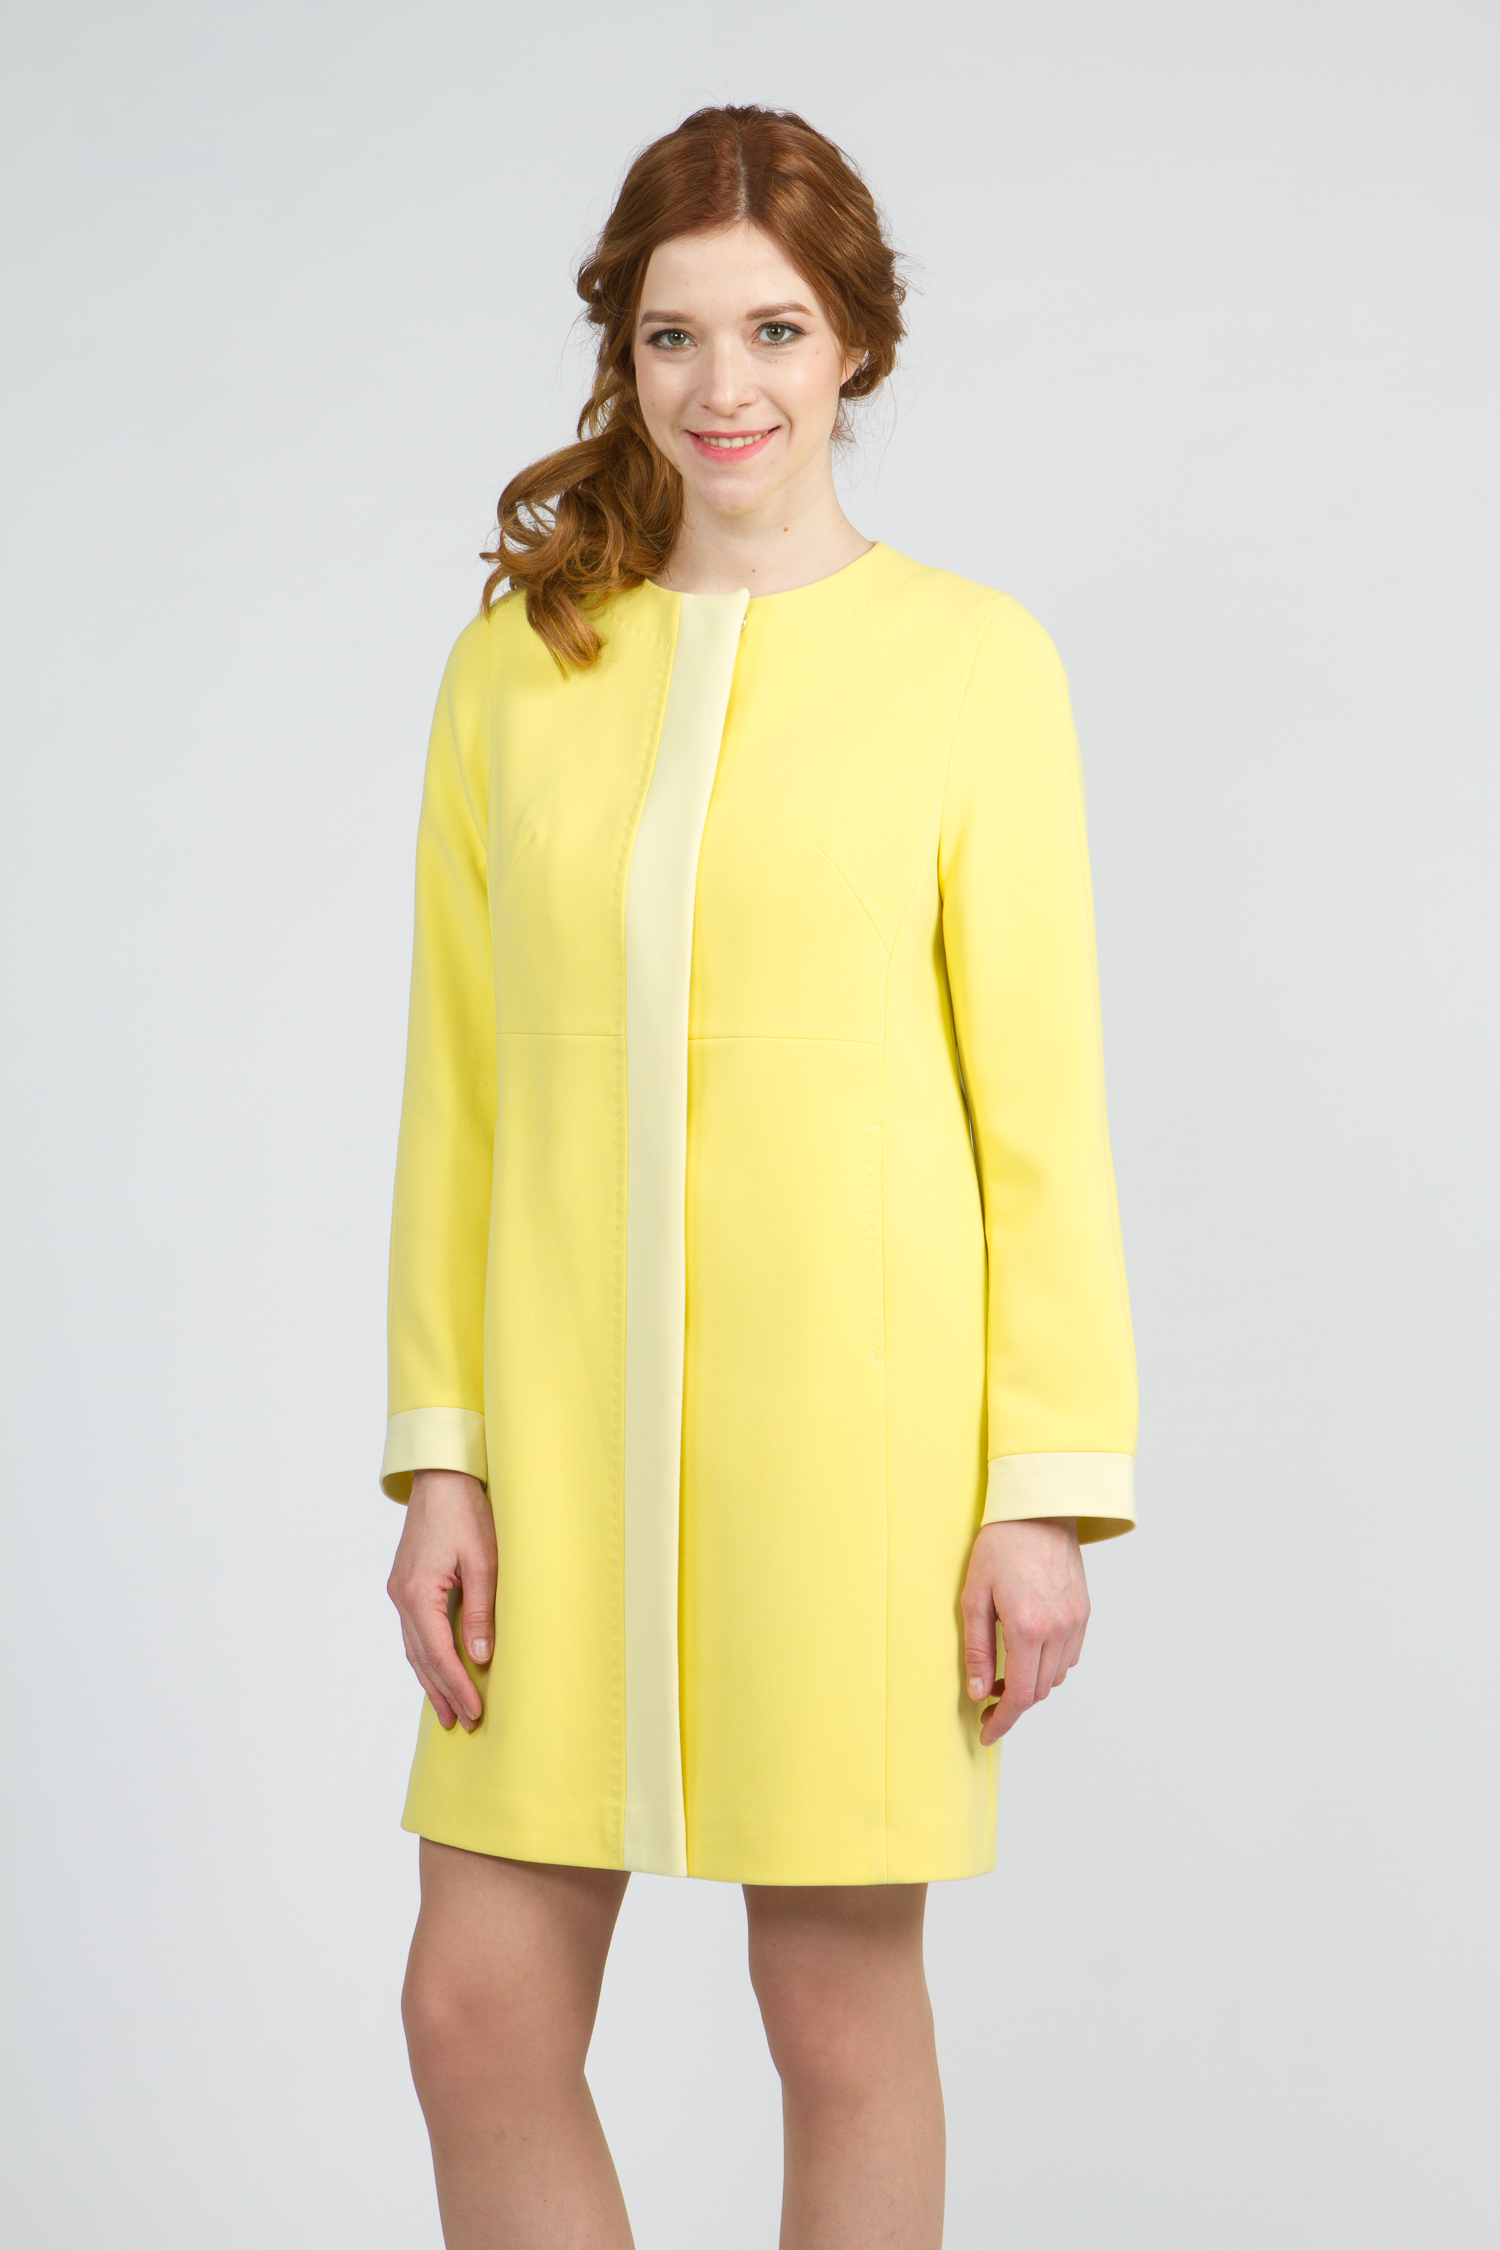 Облегченное женское пальто из текстиля без воротника, без отделки. Производитель: Московская Меховая Компания, артикул: 9078